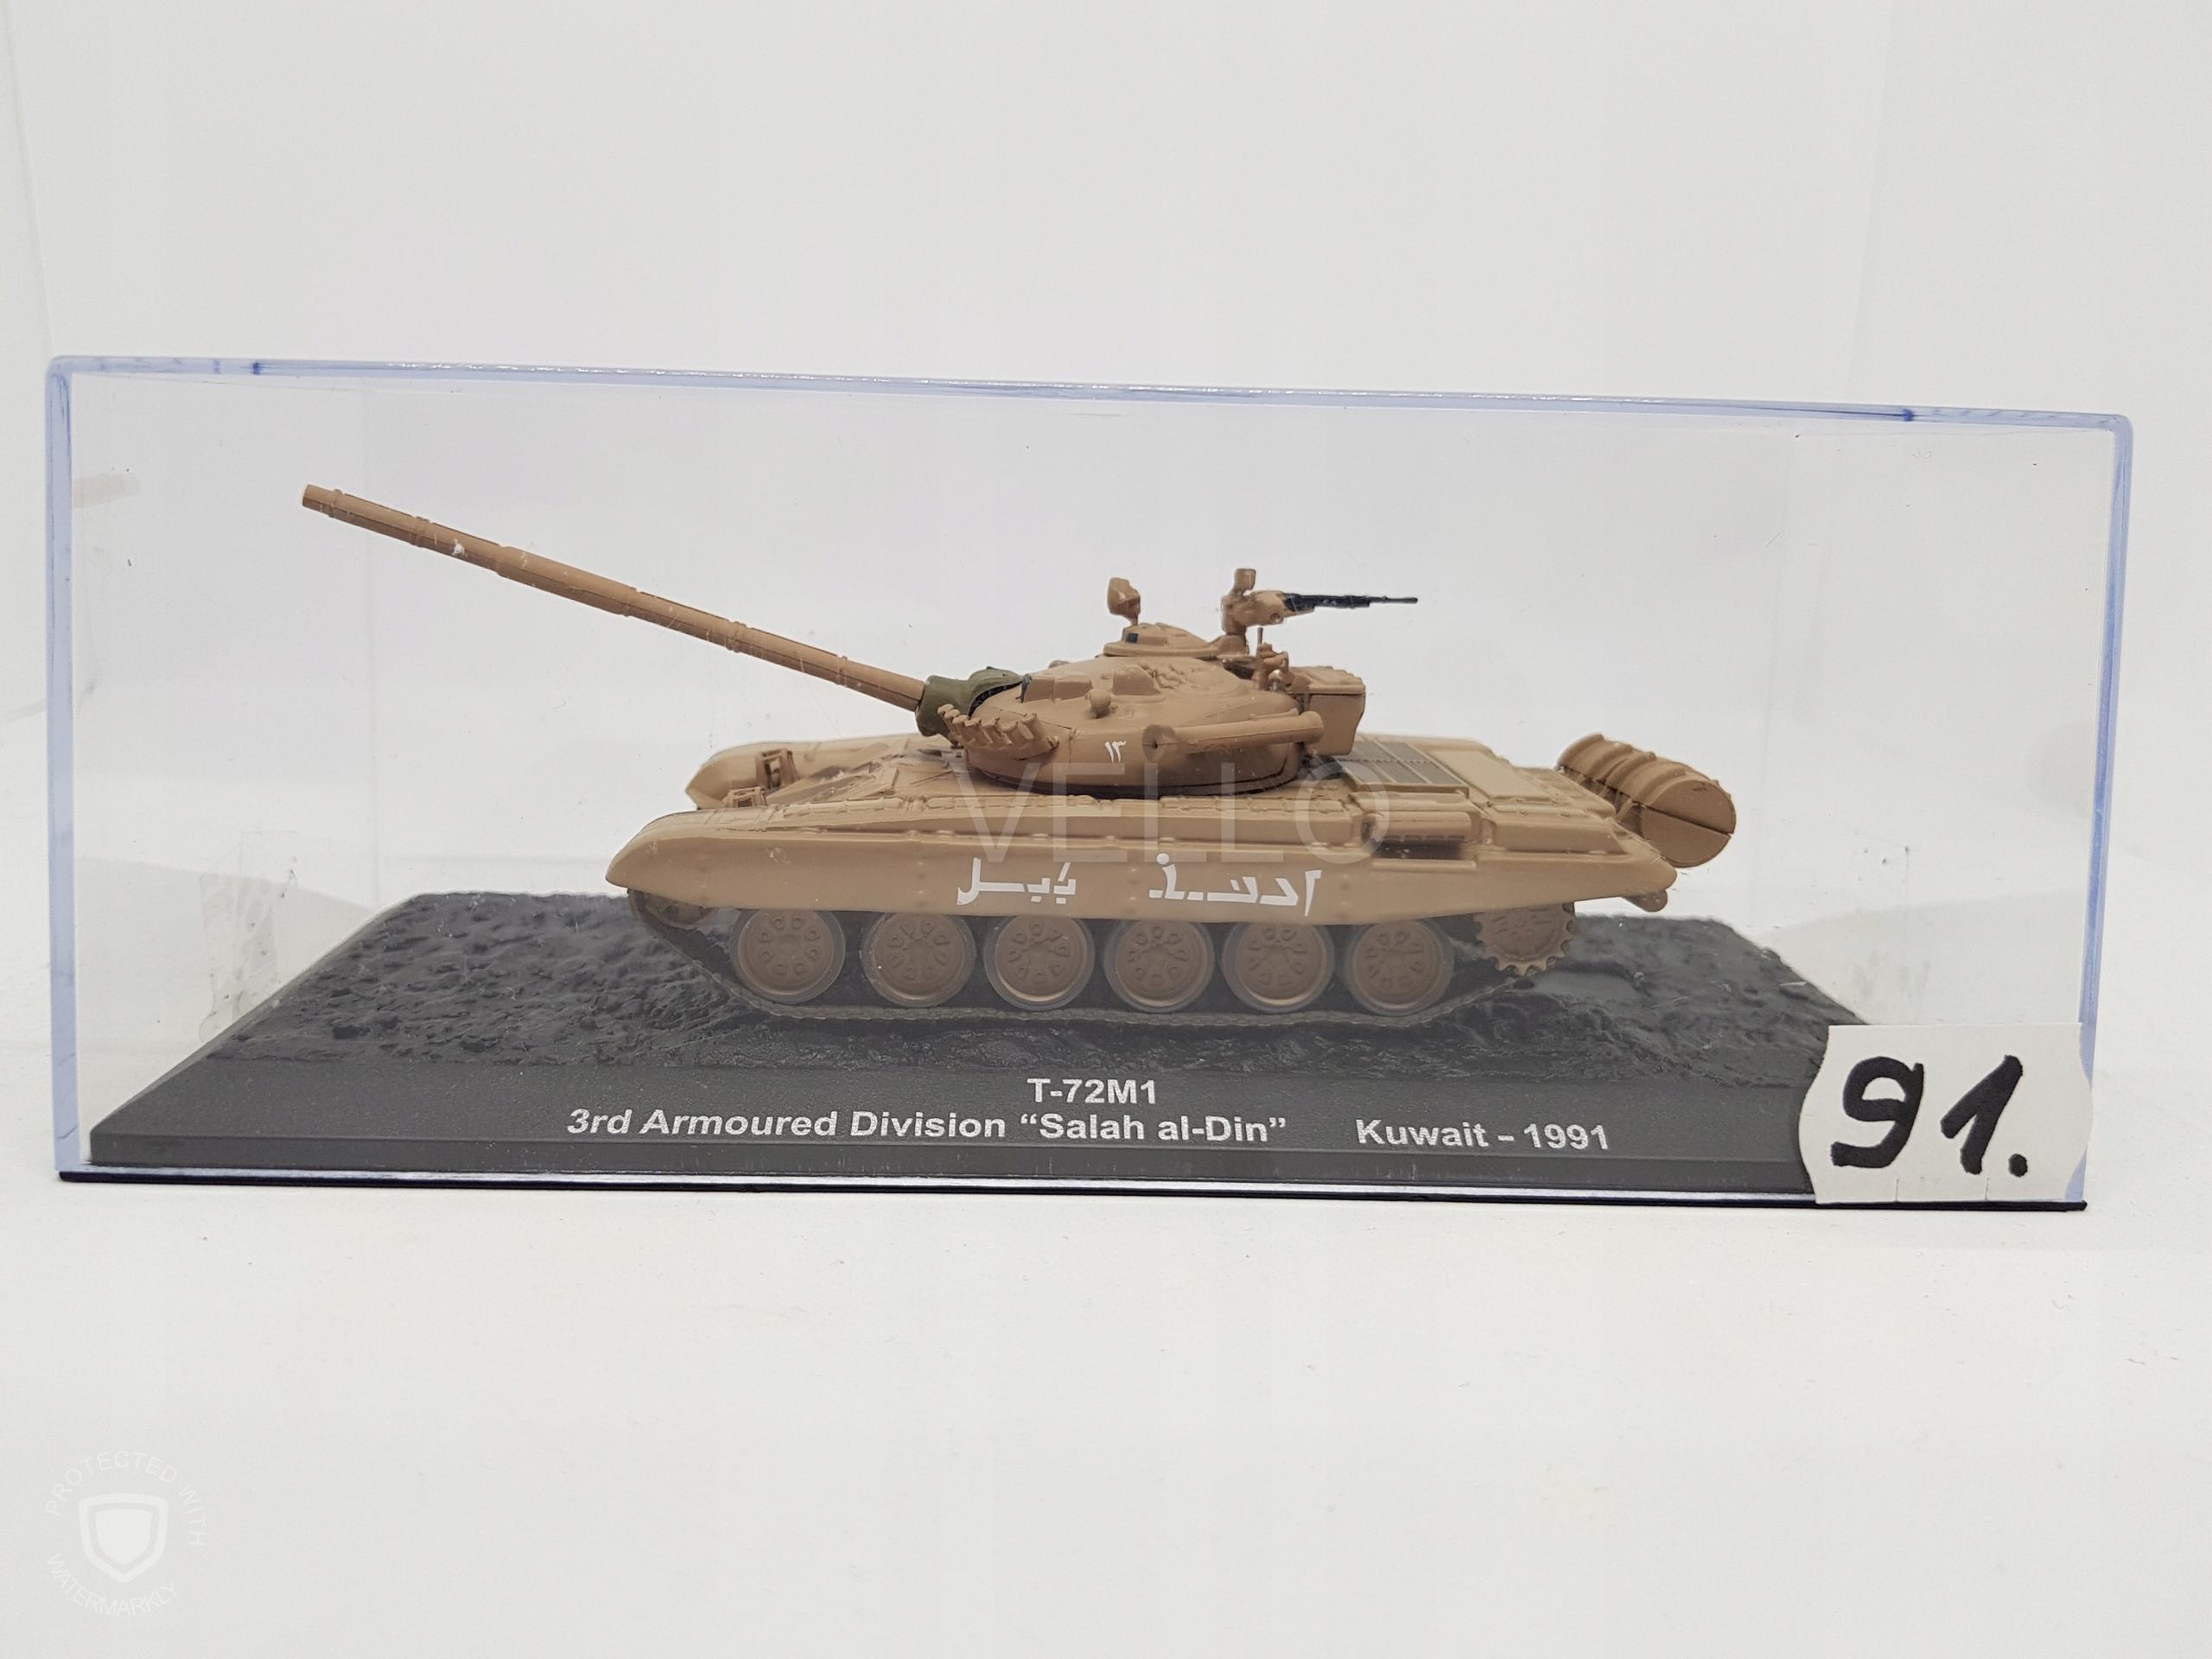 T-71M1 nr 91 1:72